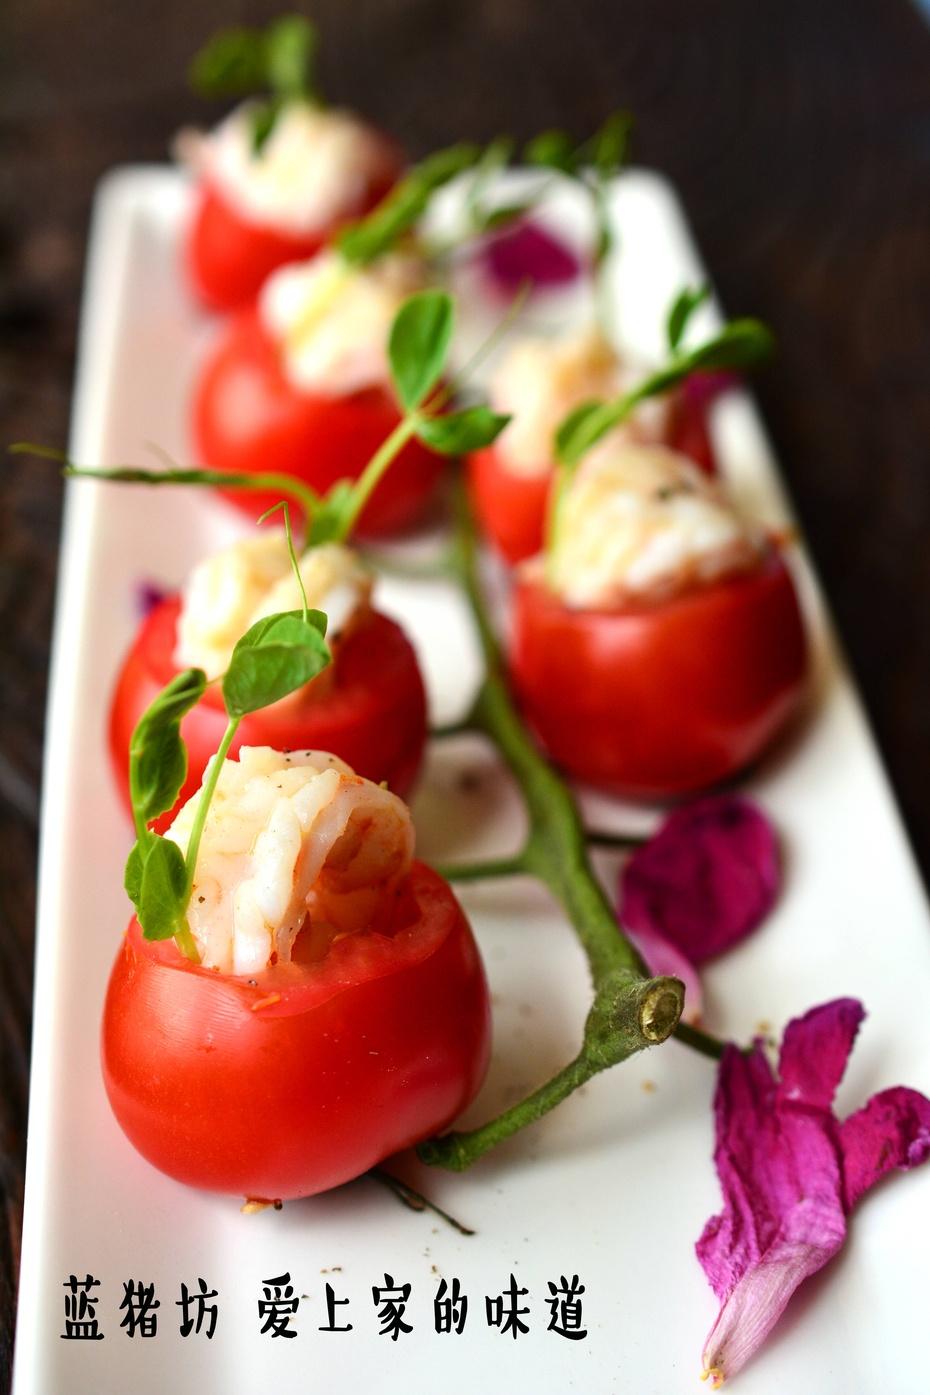 当521遇上番茄大虾,它们能碰撞出怎样的火花 - 蓝冰滢 - 蓝猪坊 创意美食工作室